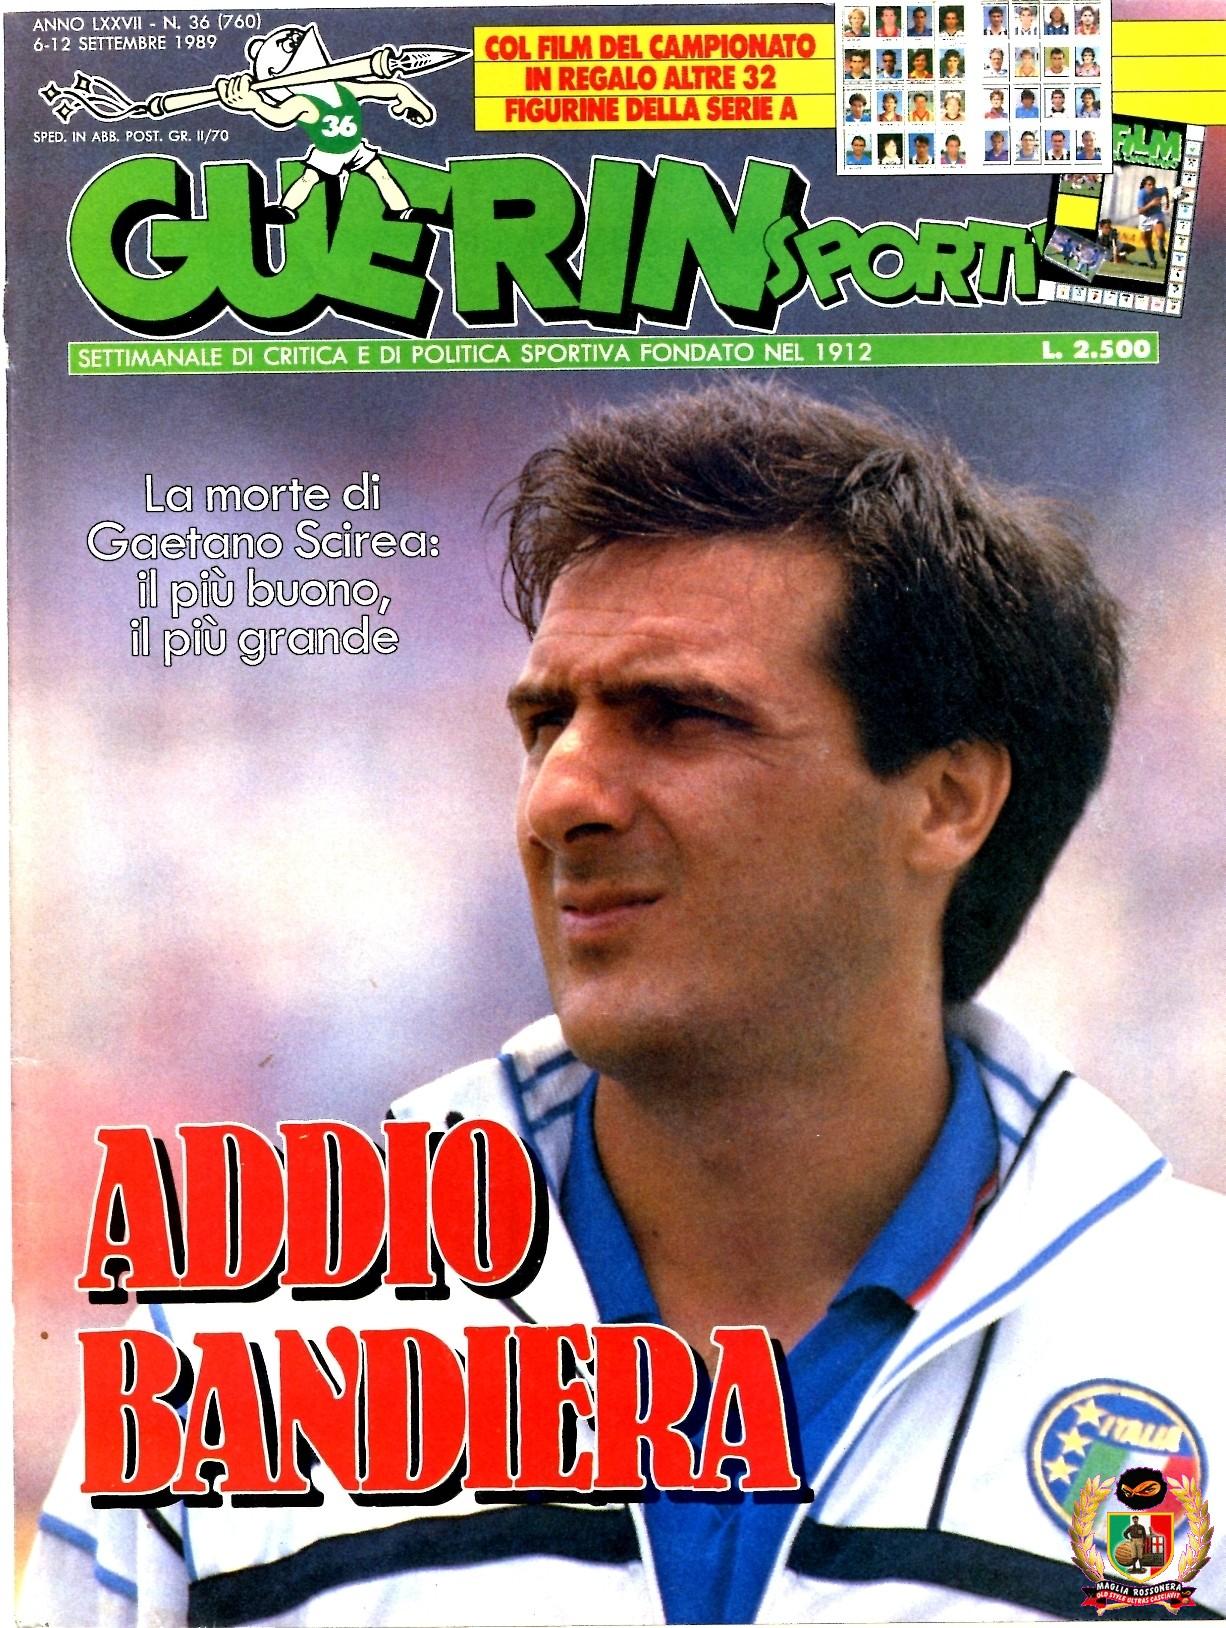 3 settembre 1989, muore Gaetano Scirea (di Francesco Giorgioni)